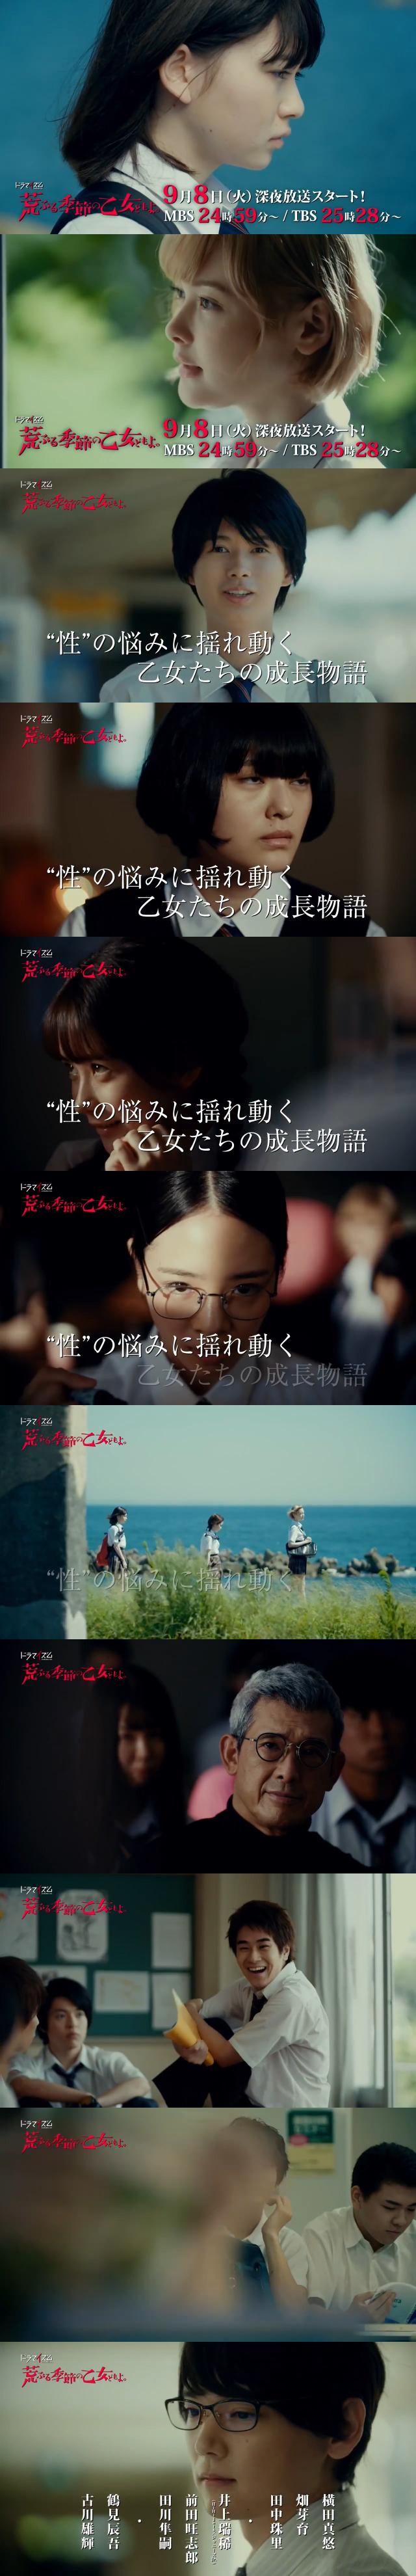 让人羞涩的动漫改编真人日剧《骚动时节的少女们啊。》公开预告,将于9月8日开播。_图片 No.1